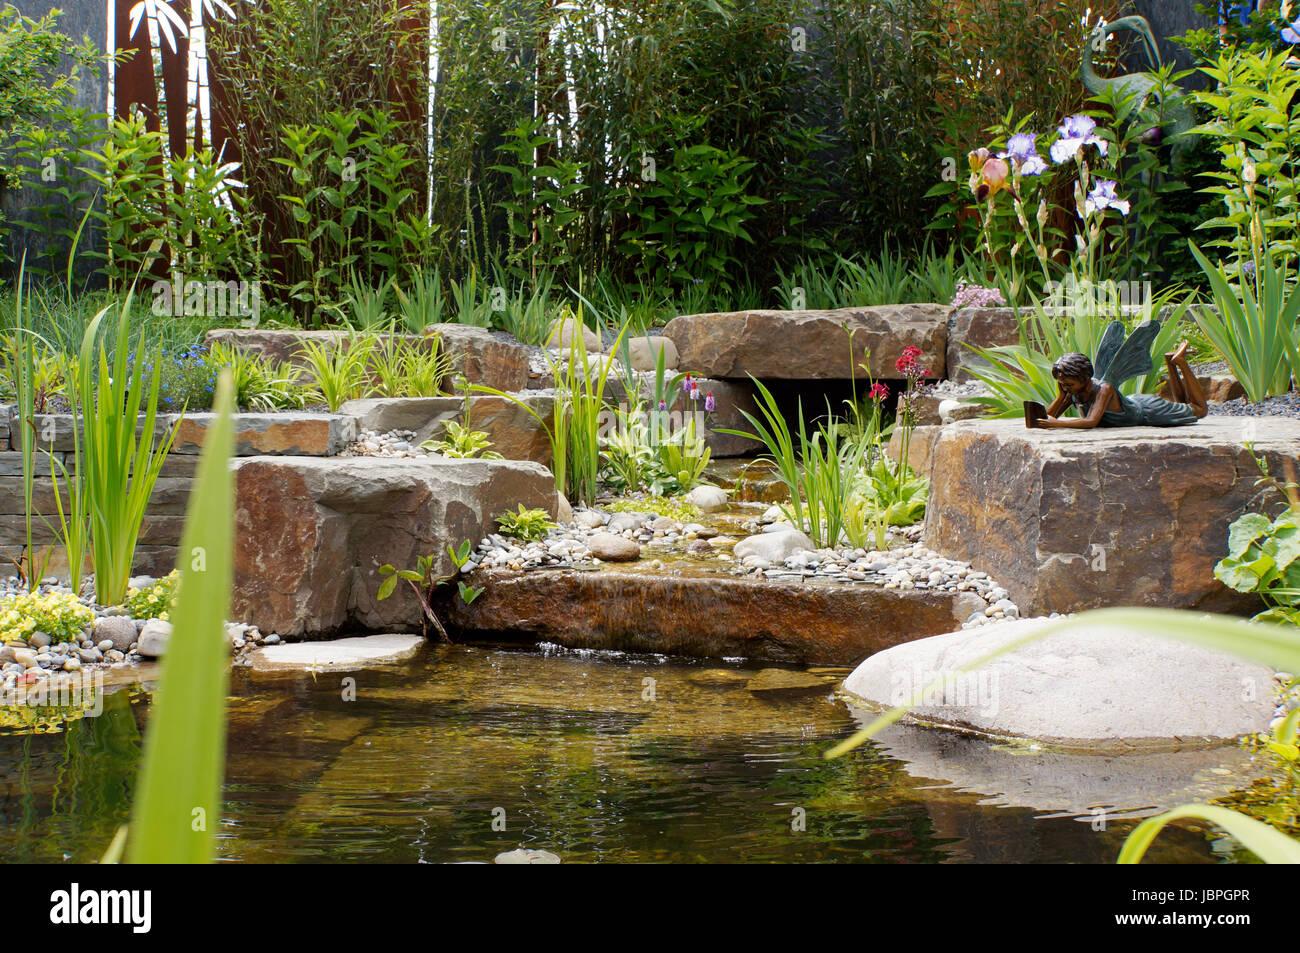 Bilder Gartenteiche Mit Bachlauf: Erweiterung